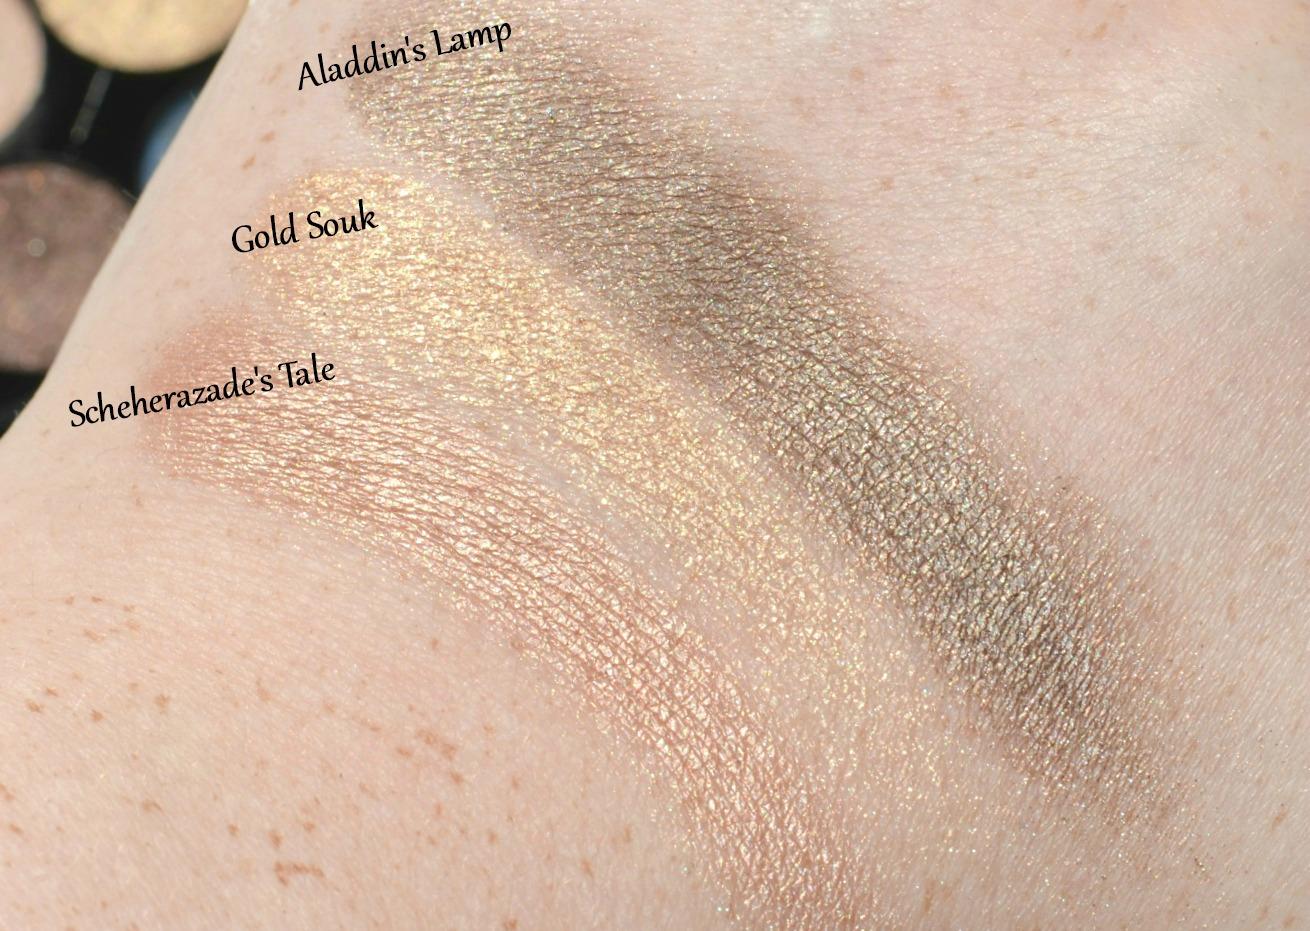 Sleek MakeUP Arabian Nights Smoke & Shadows Eyeshadow Palette Review & GIVEAWAY!